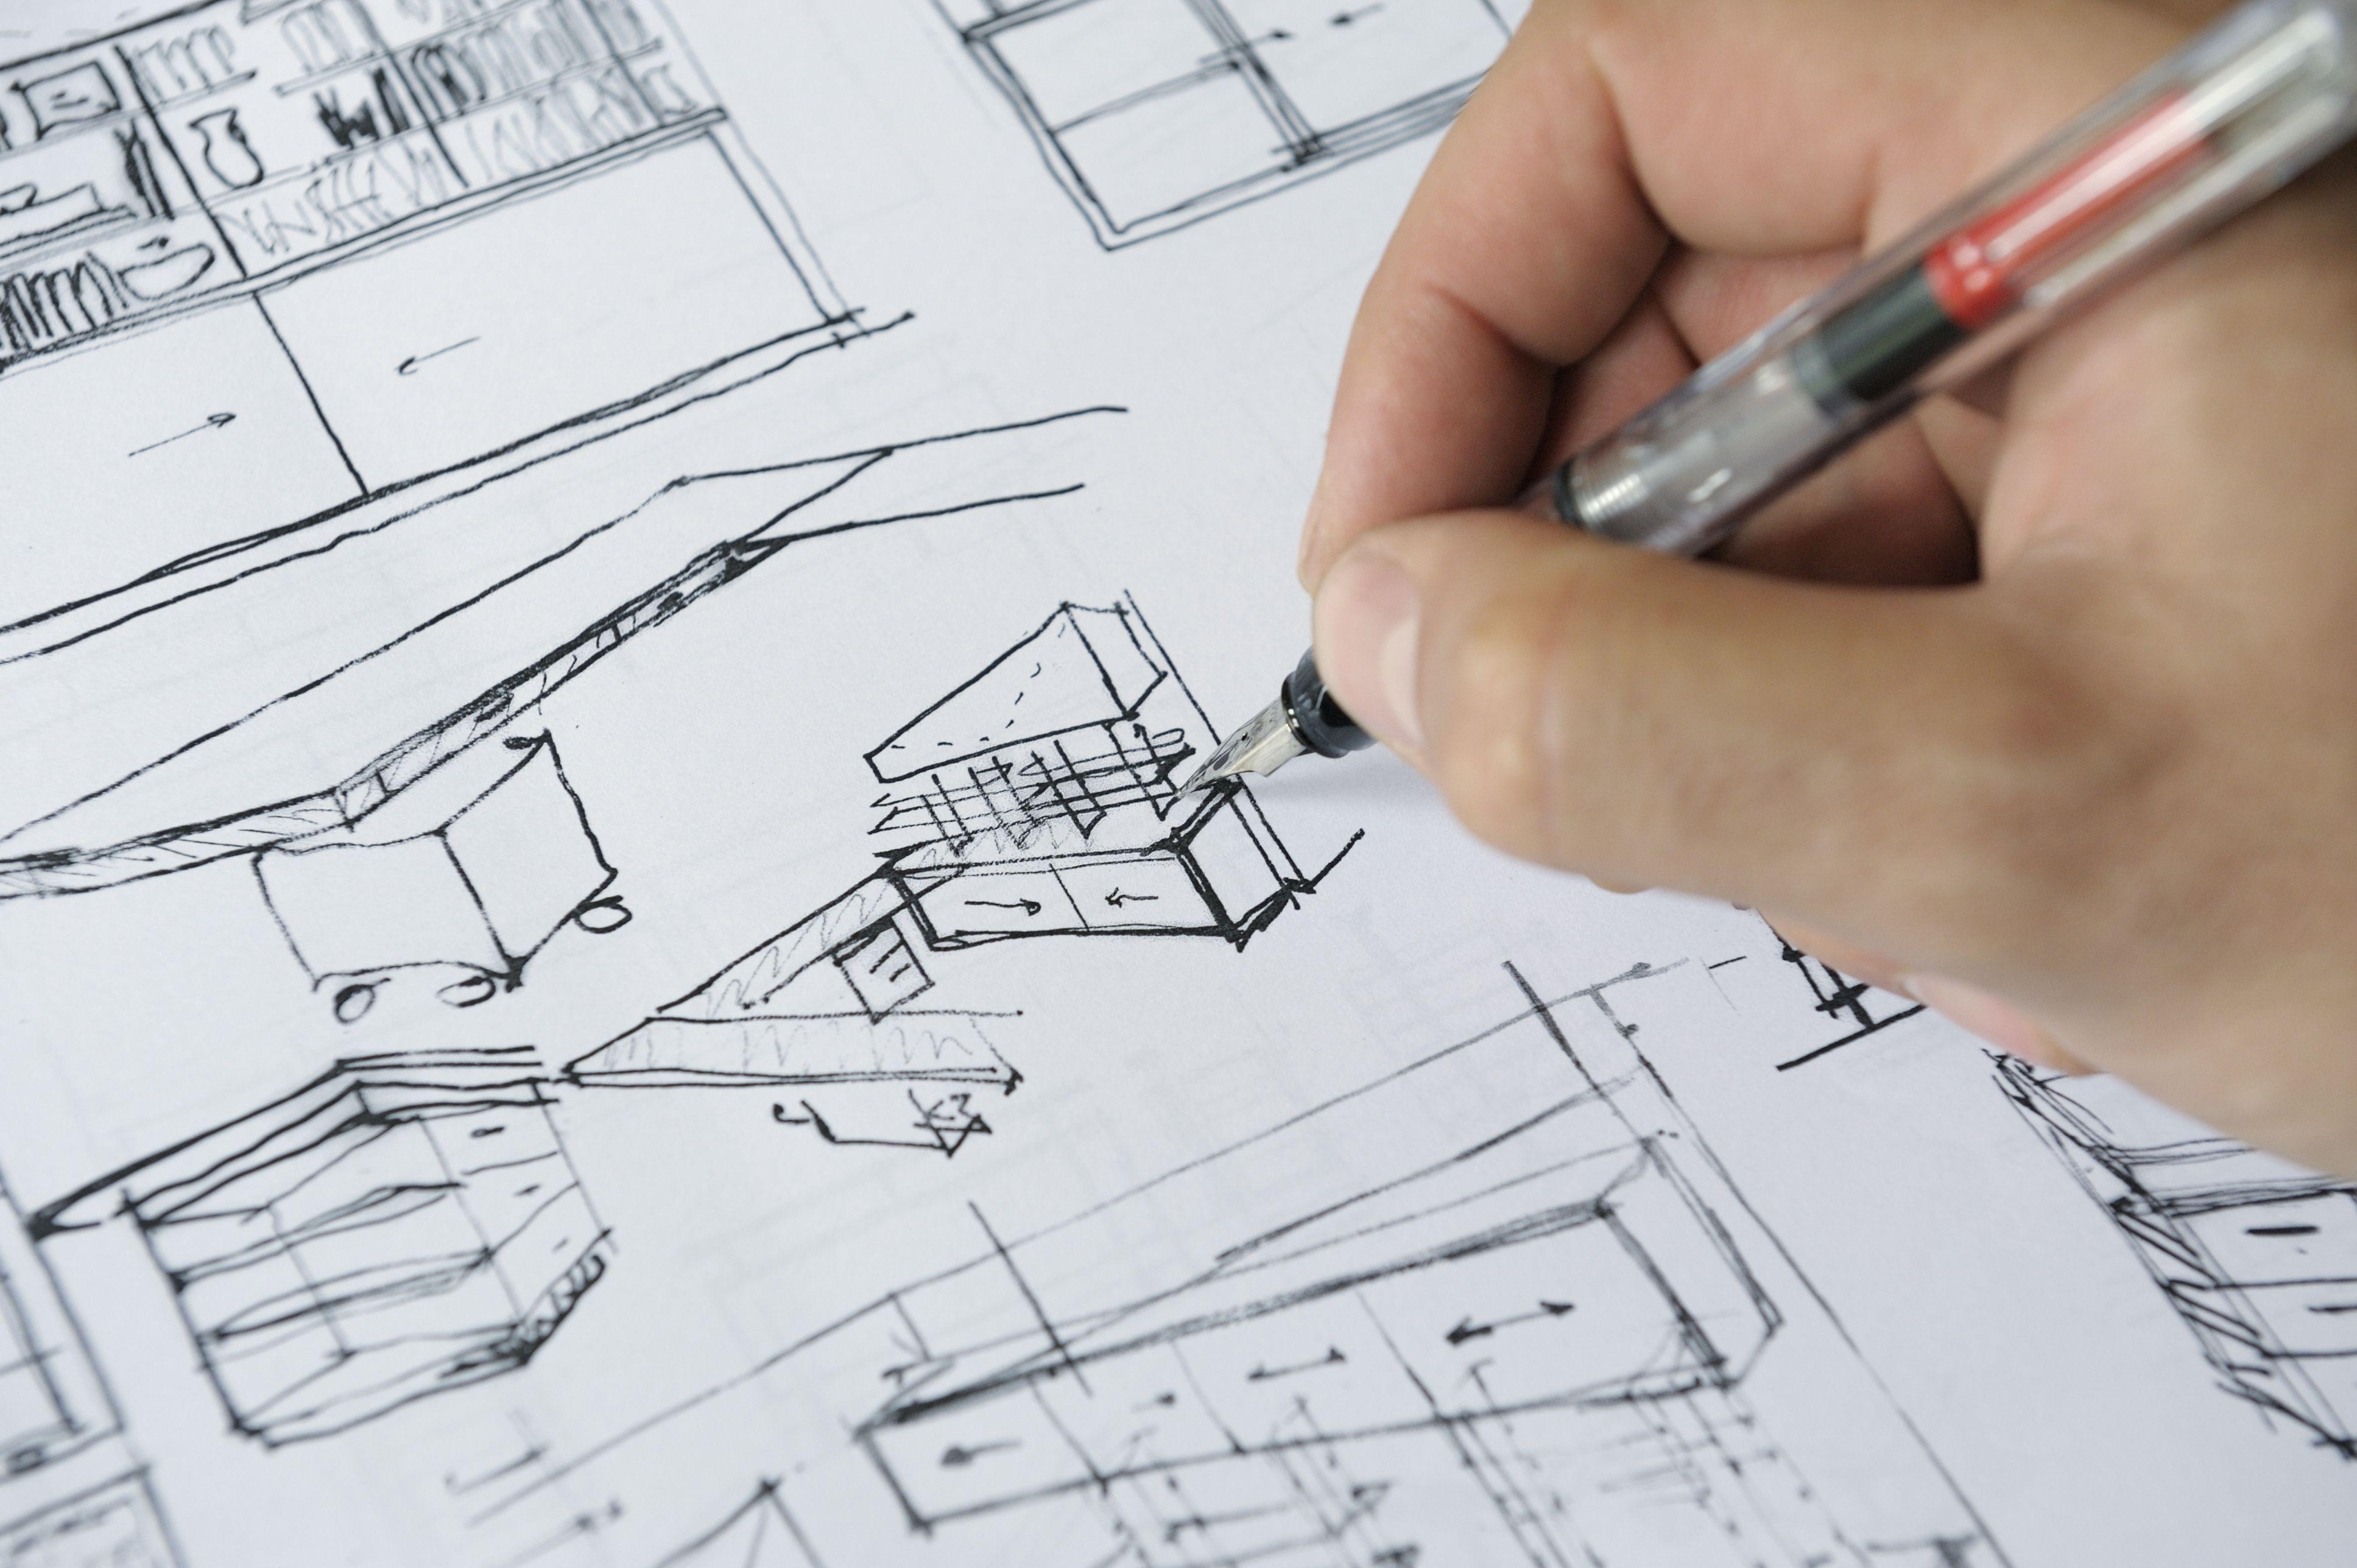 С чего начать создание дизайна своей квартиры [5 основных принципов]